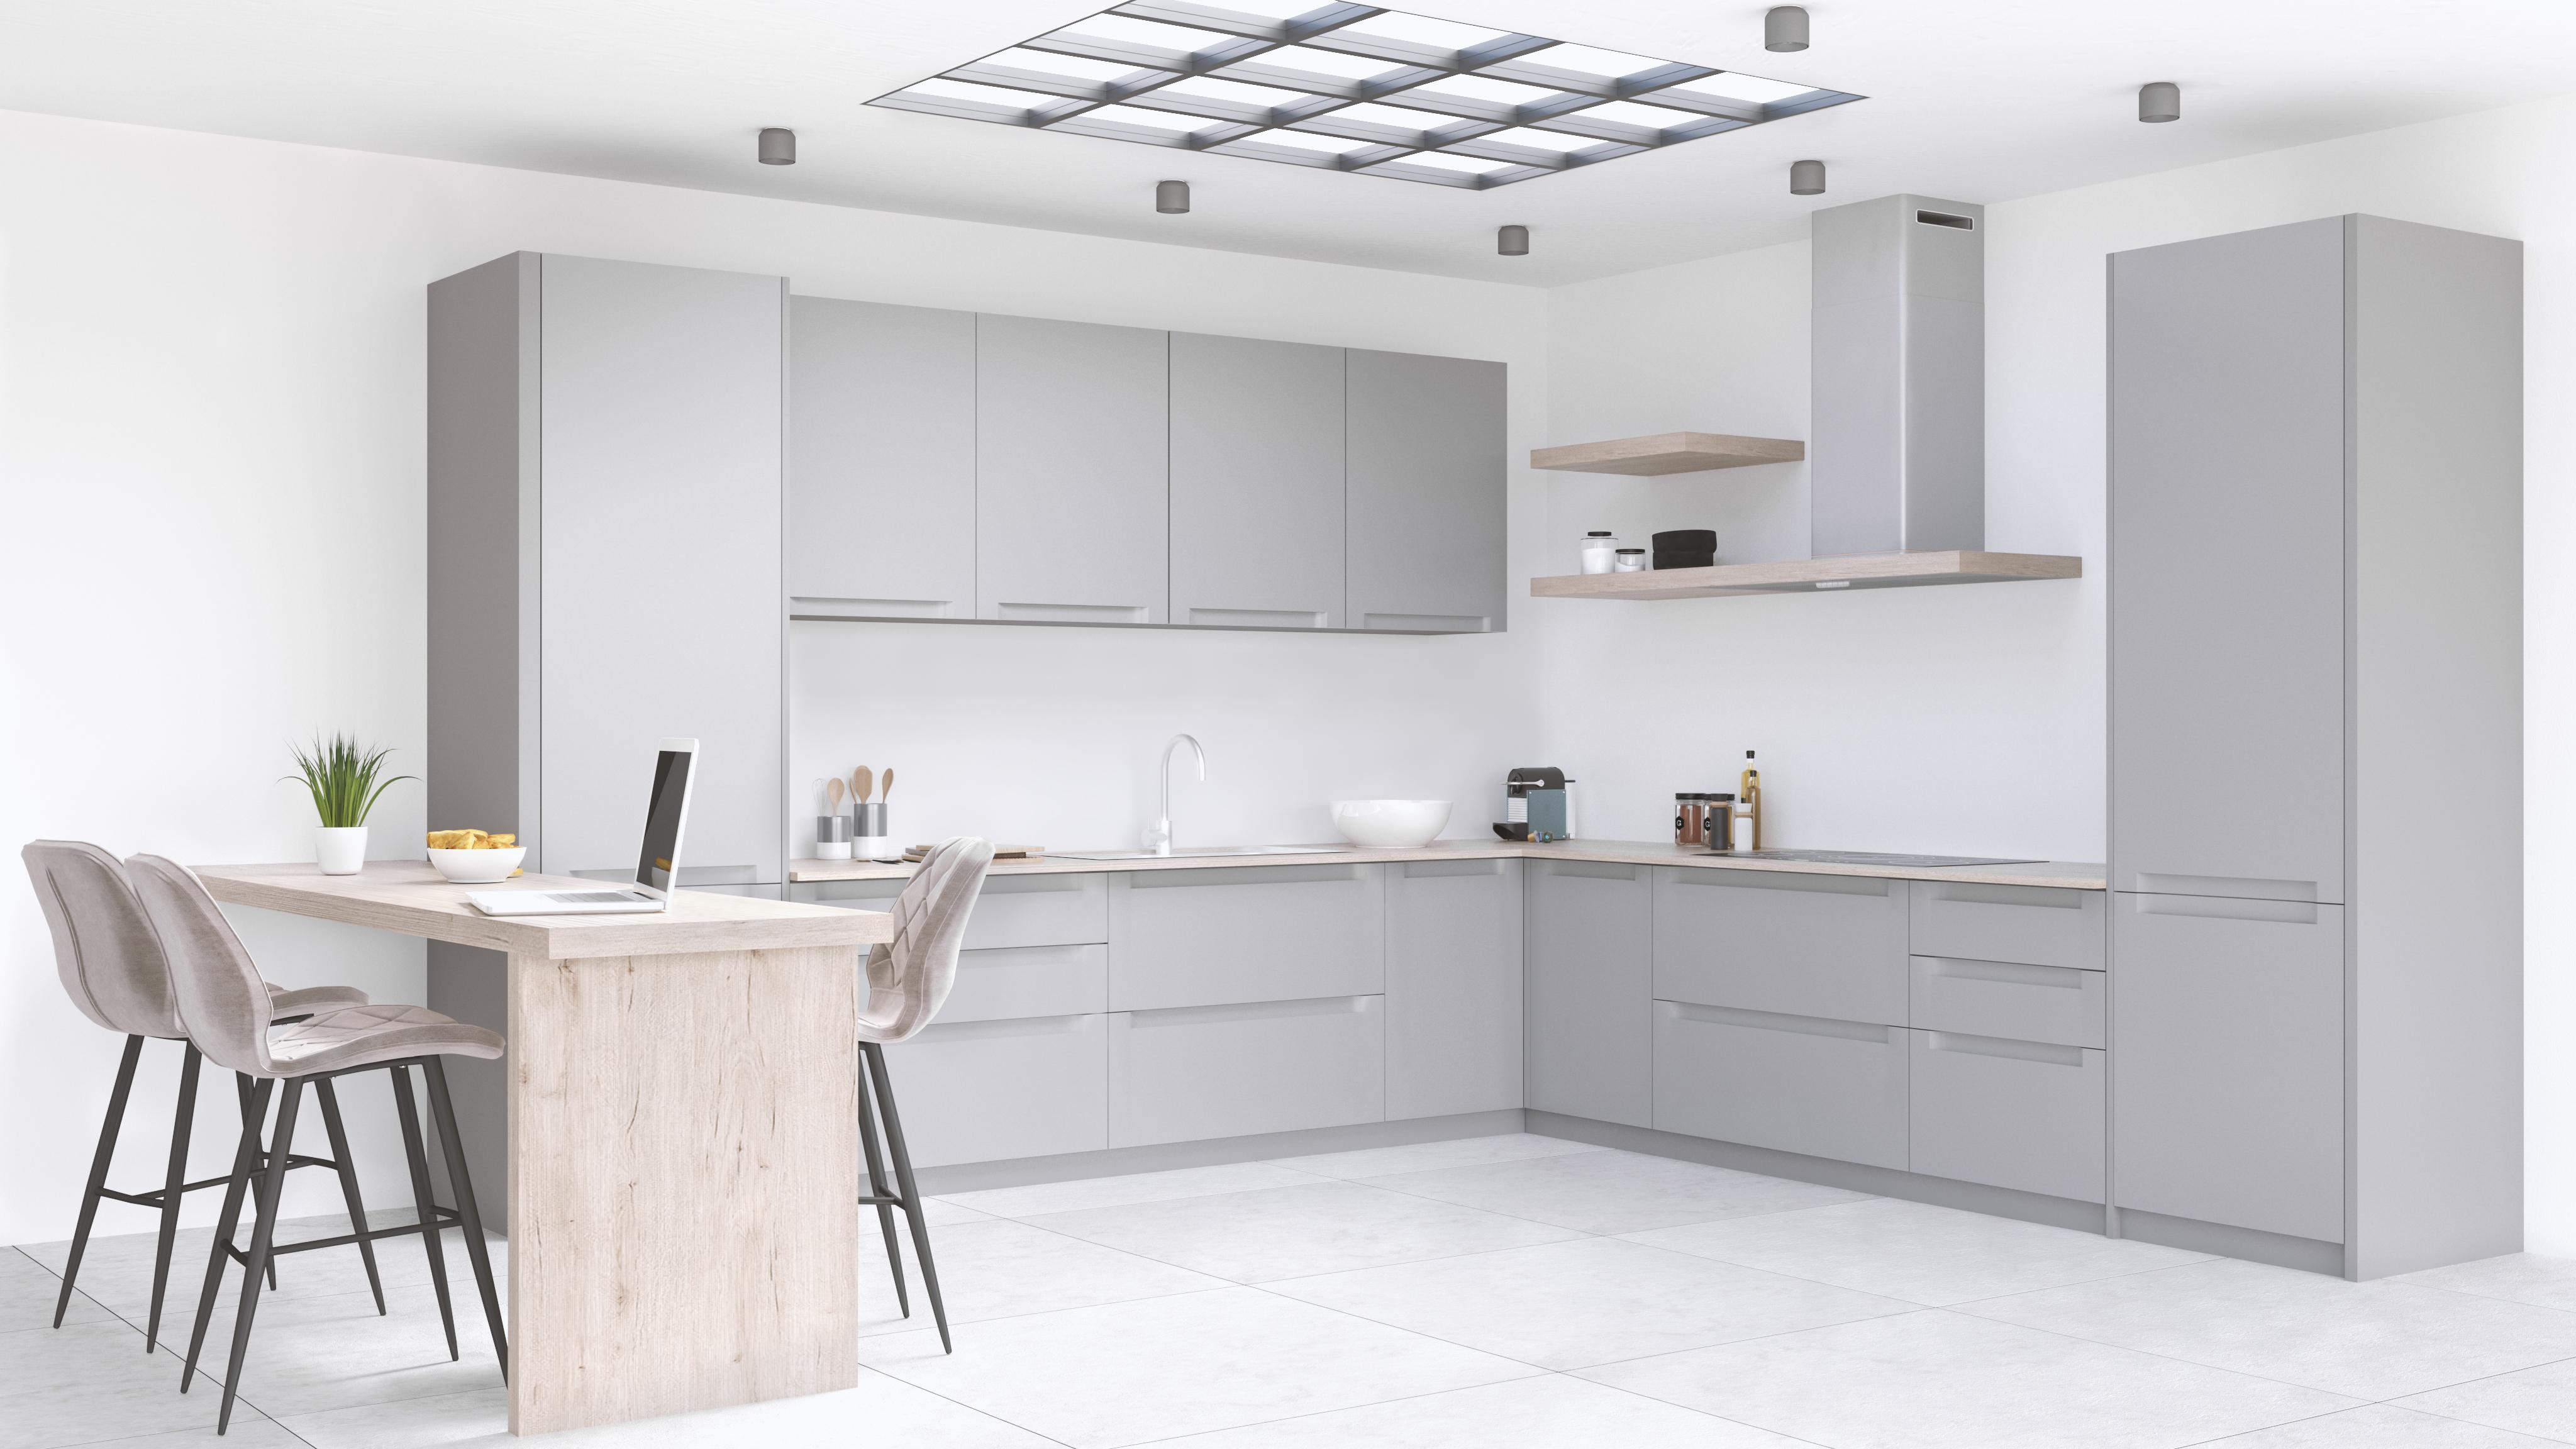 Cómo evolucionara el diseño de cocinas tras el confinamiento. Modelo Oporto